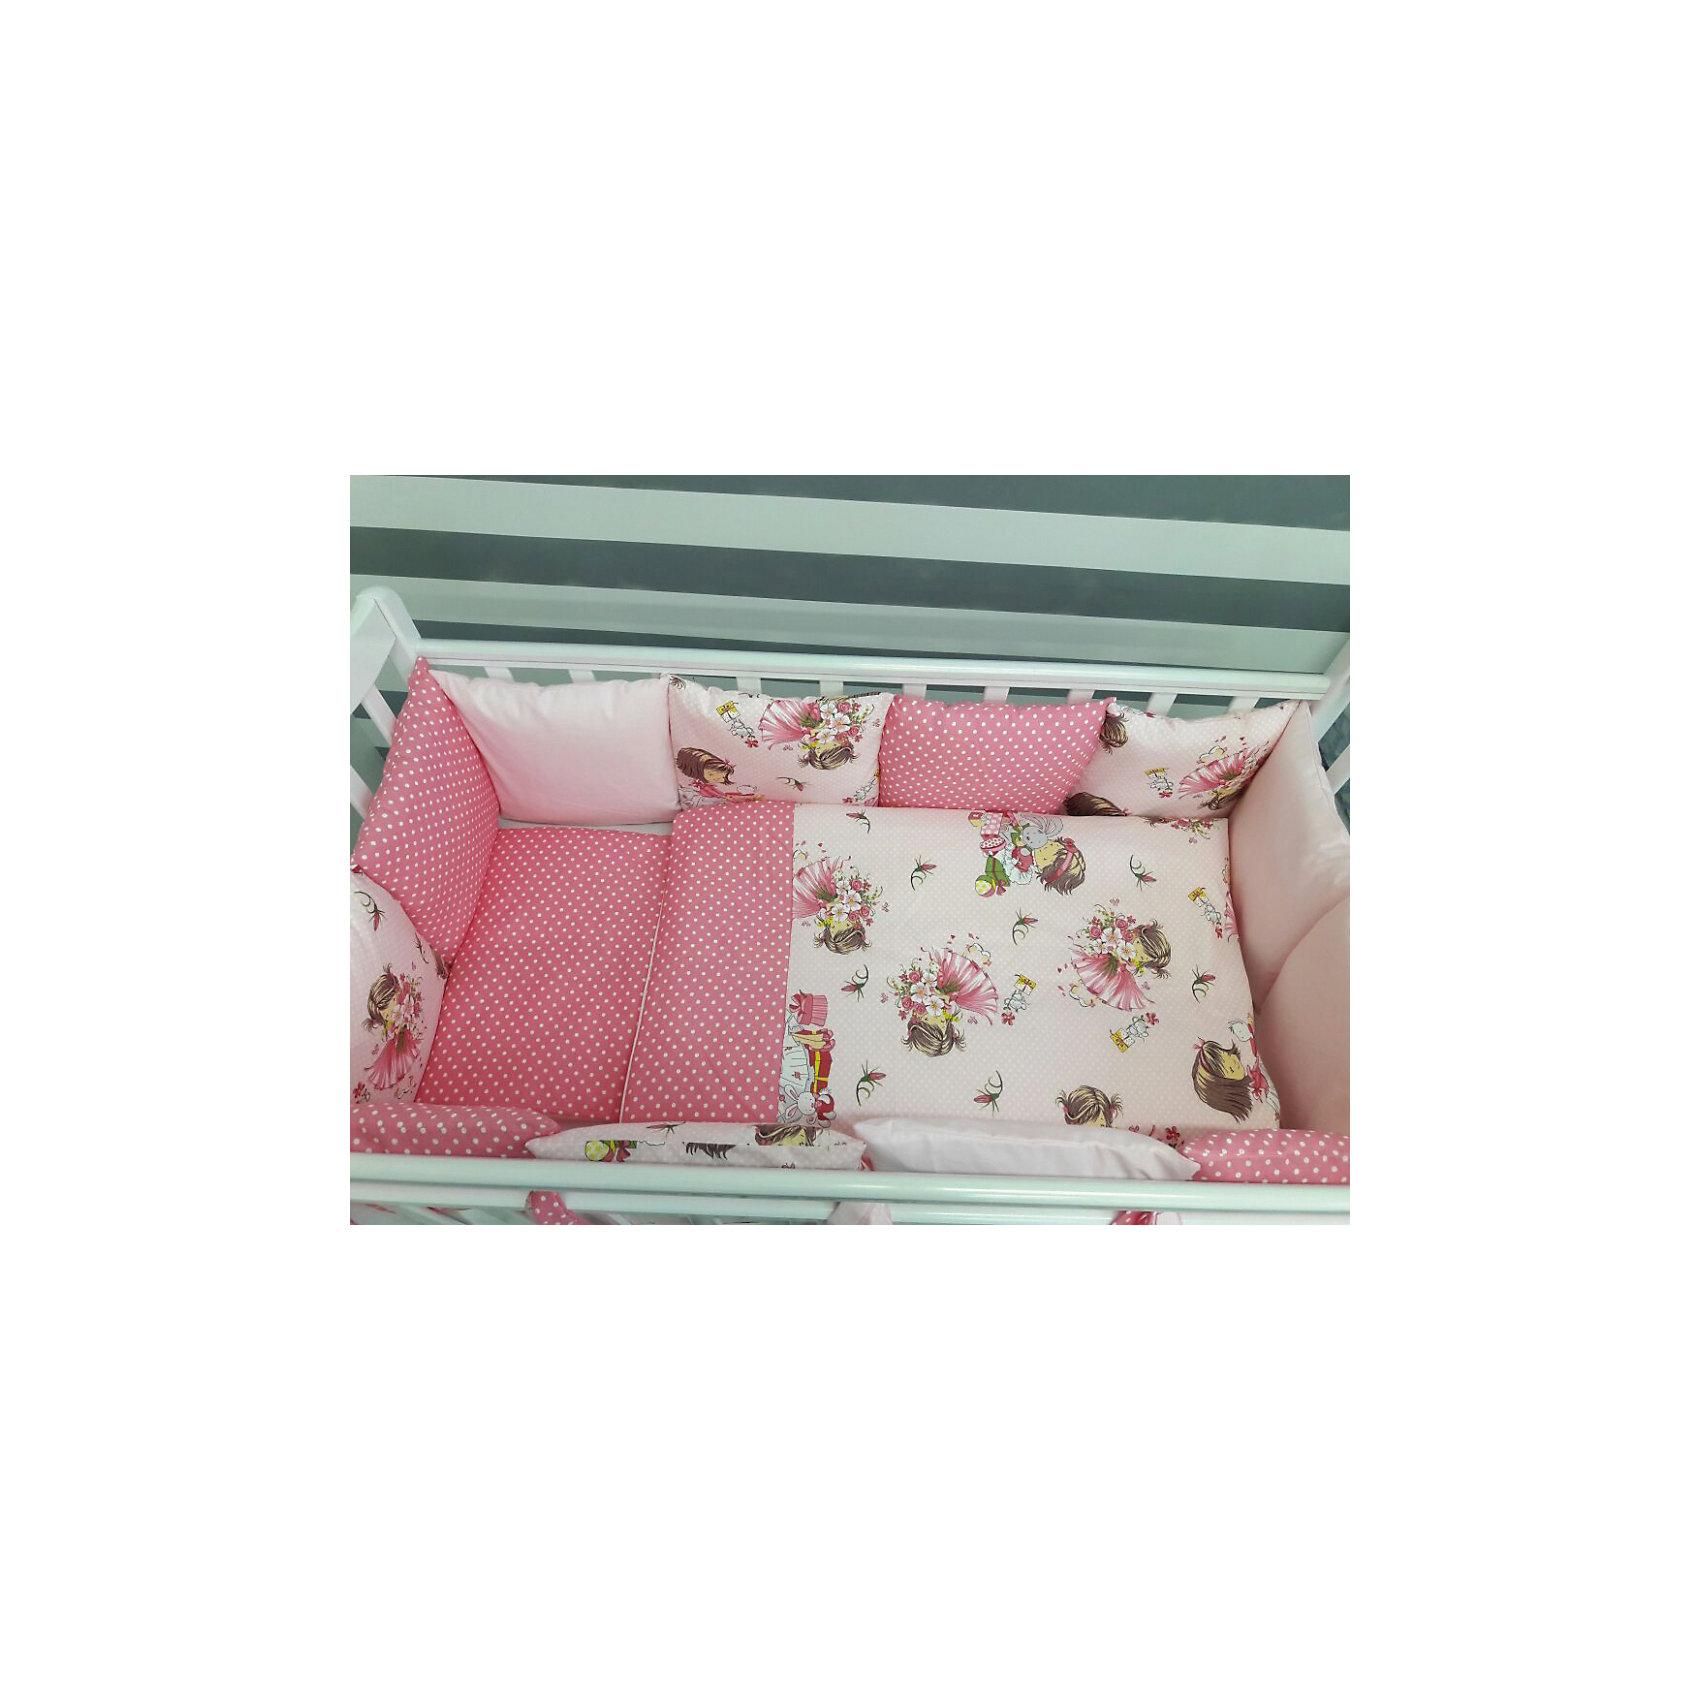 Постельное белье Шанталь 6 пред., by TwinzПостельное бельё<br>Характеристики:<br><br>• Вид домашнего текстиля: постельное белье<br>• Тип постельного белья по размерам: детское<br>• Пол: для девочки<br>• Материал: сатин, 100% <br>• Наполнитель одеяла и подушки: холофайбер, 100% (лебяжий пух)<br>• Цвет: оттенки розового, белый, зеленый, бежевый<br>• Тематика рисунка: цветочный принт, девочки, горох<br>• Комплектация: <br> бортики-подушки 59*44 см – 6 шт.<br> наволочки на бортики 60*45 см – 6 шт.<br> пододеяльник 105*145 см – 1 шт. <br> одеяло 100*140 см – 1 шт. <br> простынь на резинке 125*65 см – 1 шт. <br> подушка 35*45 см – 1 шт. <br> наволочка 36*46 см – 1 шт. <br>• Сособ крепления бортиков ук кроватке: завязки<br>• Съемные наволочки у бортиков на молнии <br>• Вес в упаковке: 3 кг<br>• Размеры упаковки (Д*Ш*В): 58*18*58 см<br>• Особенности ухода: машинная стирка при температуре 30 градусов без использования отбеливающих веществ<br><br>Постельное белье Шанталь 6 пред., by Twinz, мятный изготовлено под отечественным торговым брендом, выпускающим текстиль и мебель из натуральных материалов для новорожденных и детей. Комплект состоит из шести предметов: одеяла, подушки, пододеяльника, простыни, наволочки и комплекта бортиков. <br><br>Размер изделий подходит для деткских кроваток классических моделей размером 100*60 см и 125*65 см. Комплект выполнен из сатина, который обладает мягкостью, гигроскопичностью, гипоаллергенностью, прочностью полотна и яркостью расцветок. Тщательно выполненные внутренние швы на изделиях обеспечивают постельному белью длительный срок службы и защиту от деформации даже при частых стирках. Для одеяла, подушки и бортиков использован экологически безопасный и не вызывающий аллергии искусственное волокно – холлофайбер. <br><br>Комплект бортиков состоит из 6-ти подушек с наволочками на молниях. Подушки фиксируются к кроватке с помощью завязок. Простынь за счет резинок хорошо фиксируется на матрасике, что препятствует ее сползанию и сбиванию даже во